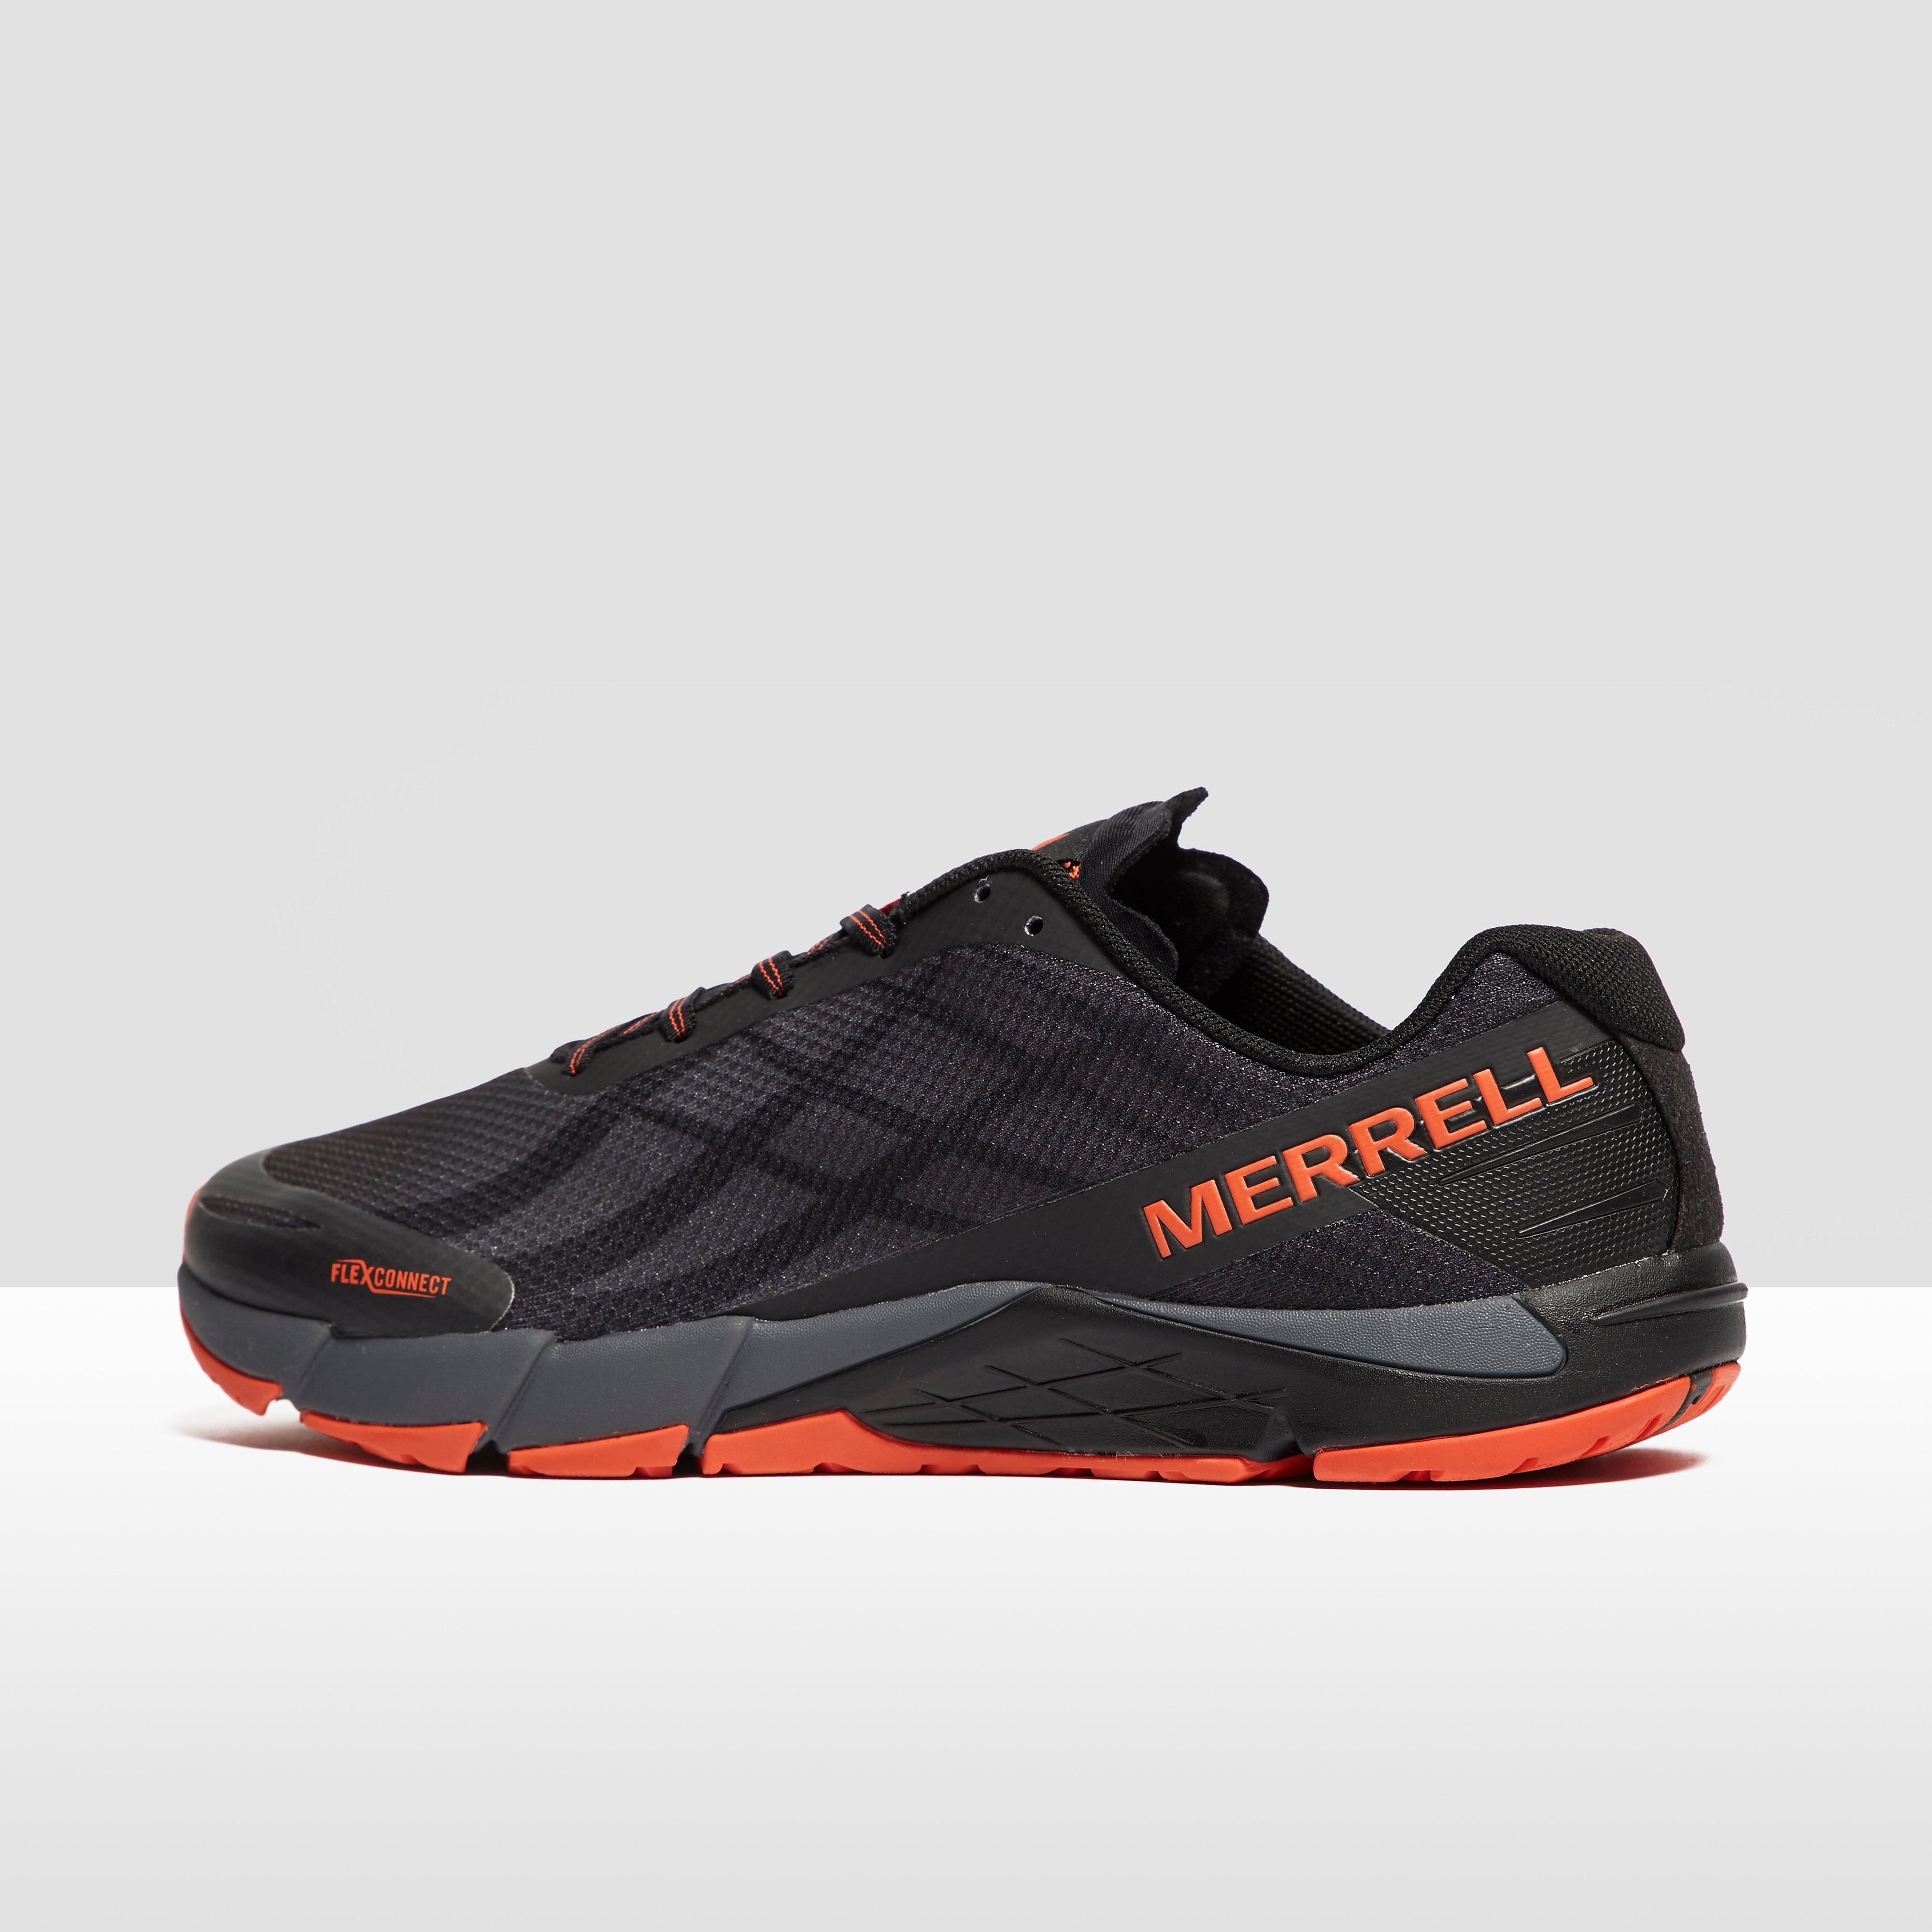 Merrell Bare Access Flex Men's Running Shoes